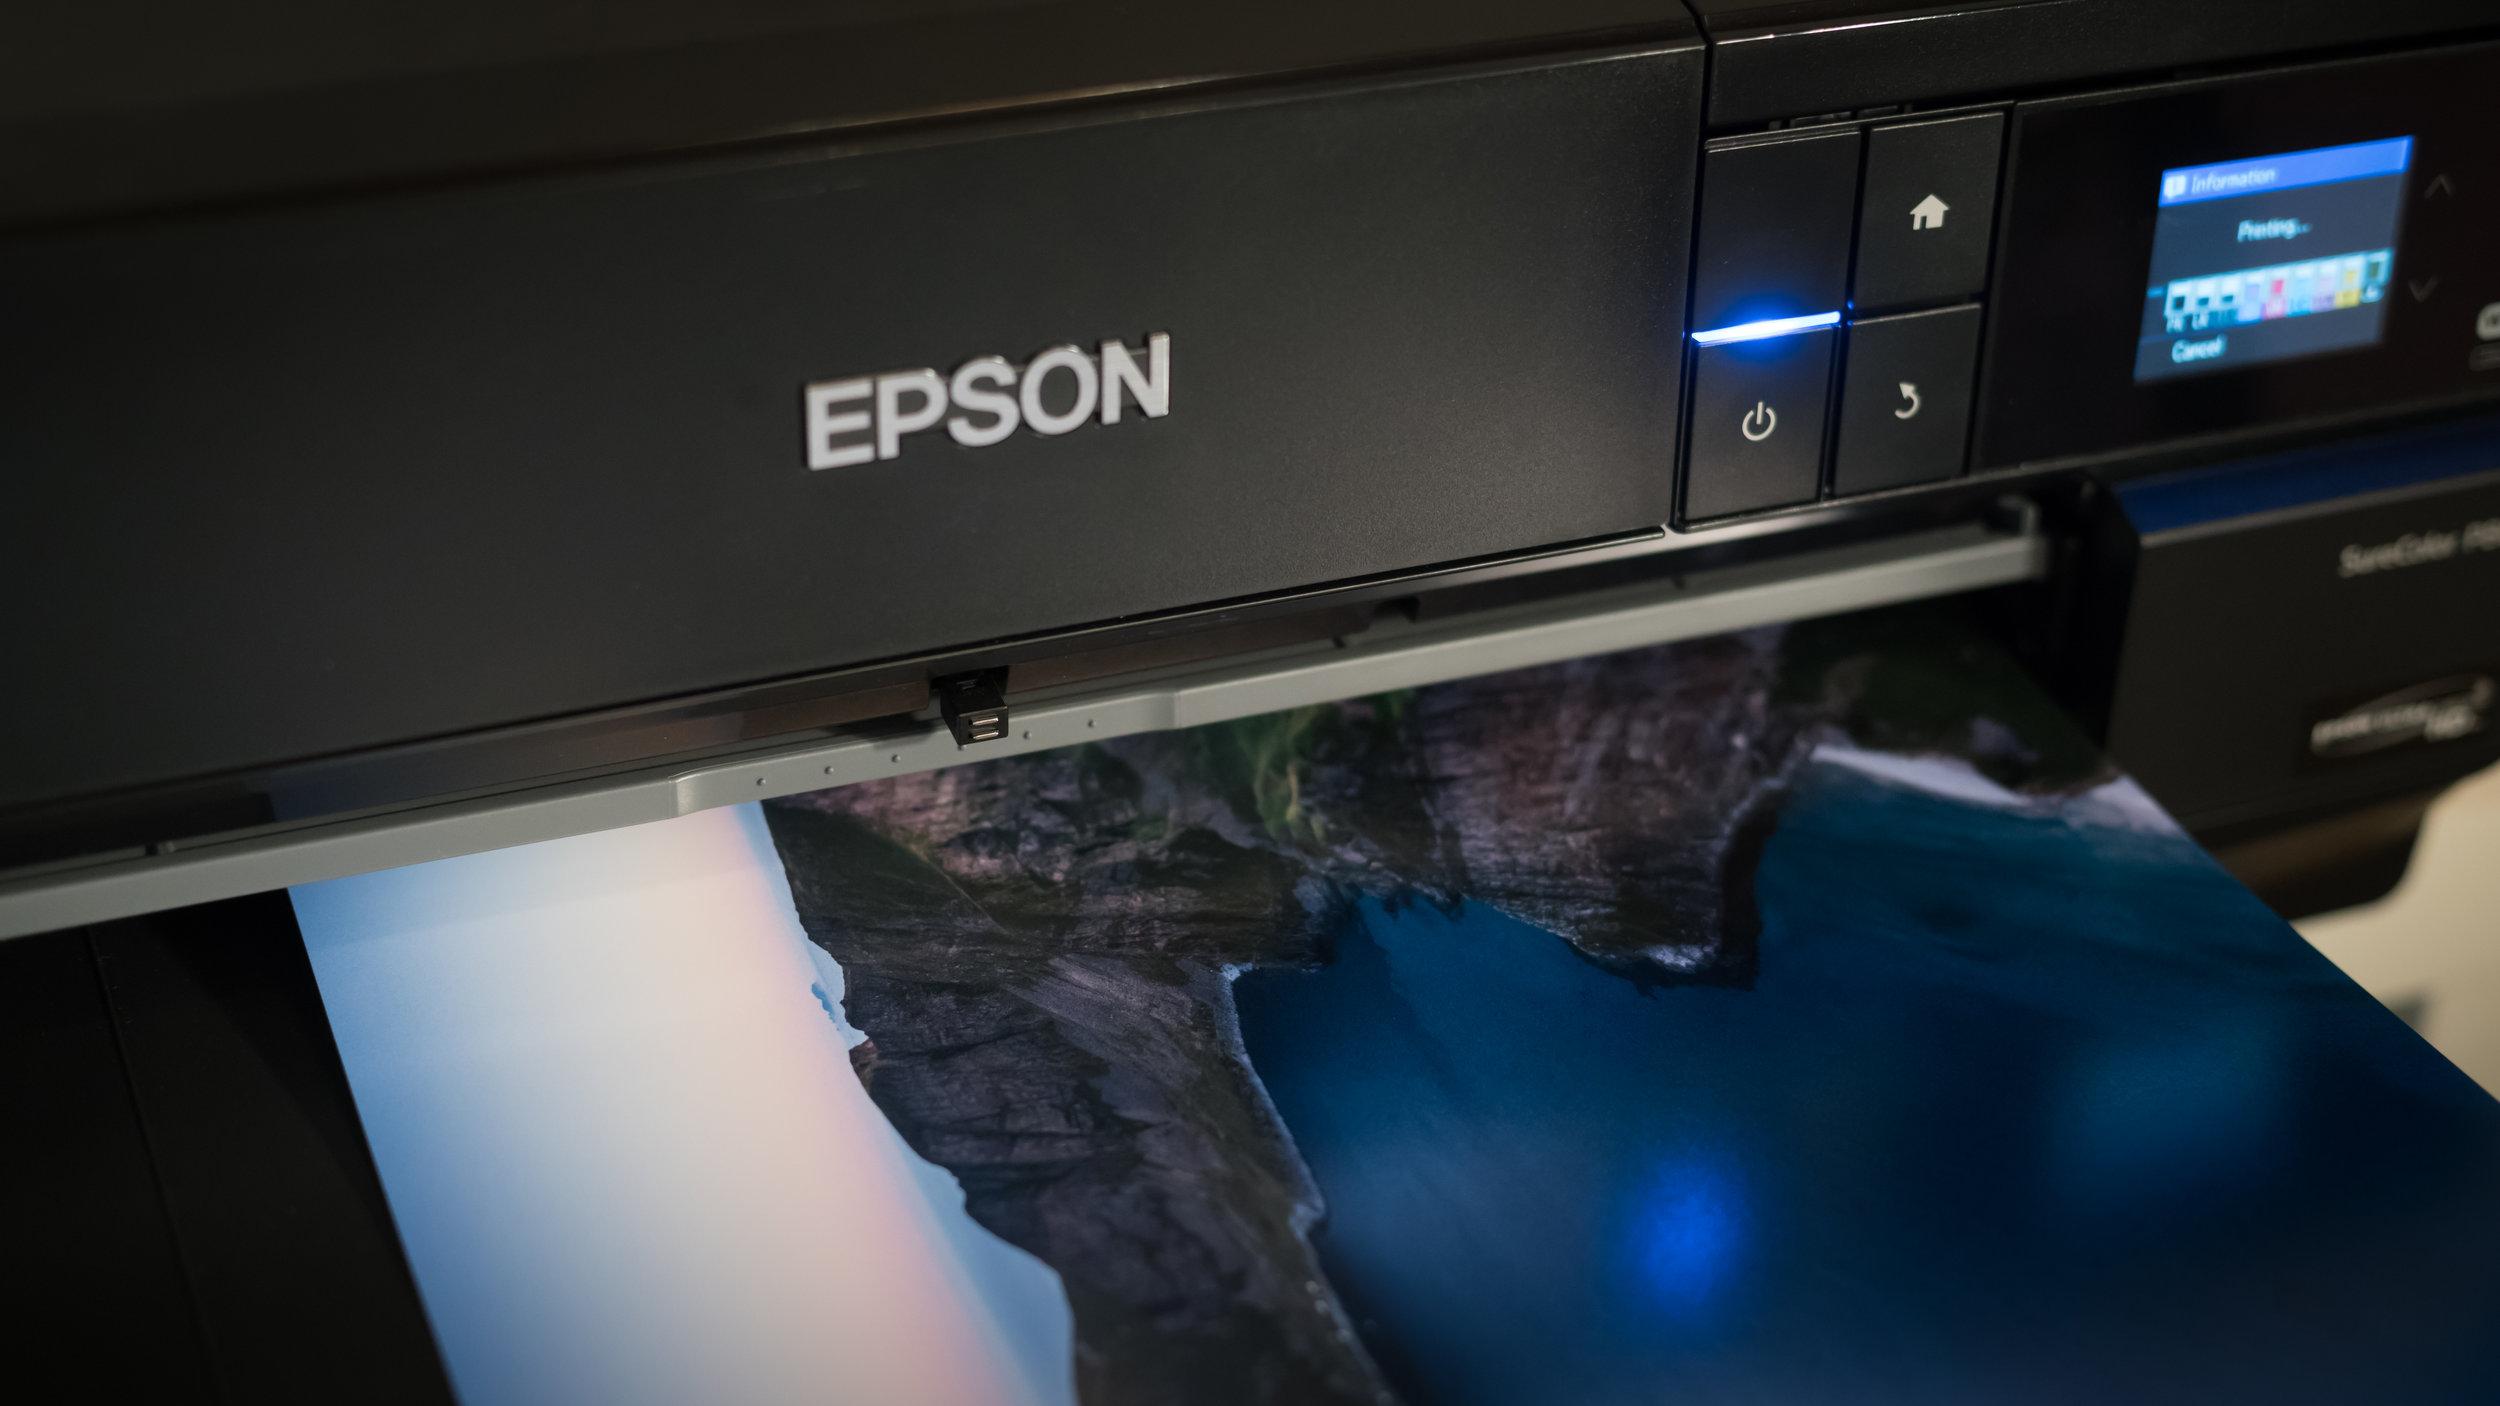 Du lærer hvordan du printer korrekt på ulike papirtyper fra ulike produsenter. Ta med egen fotoprinter og papir hvis du har, så får du hjelp til å lage riktig oppsett.